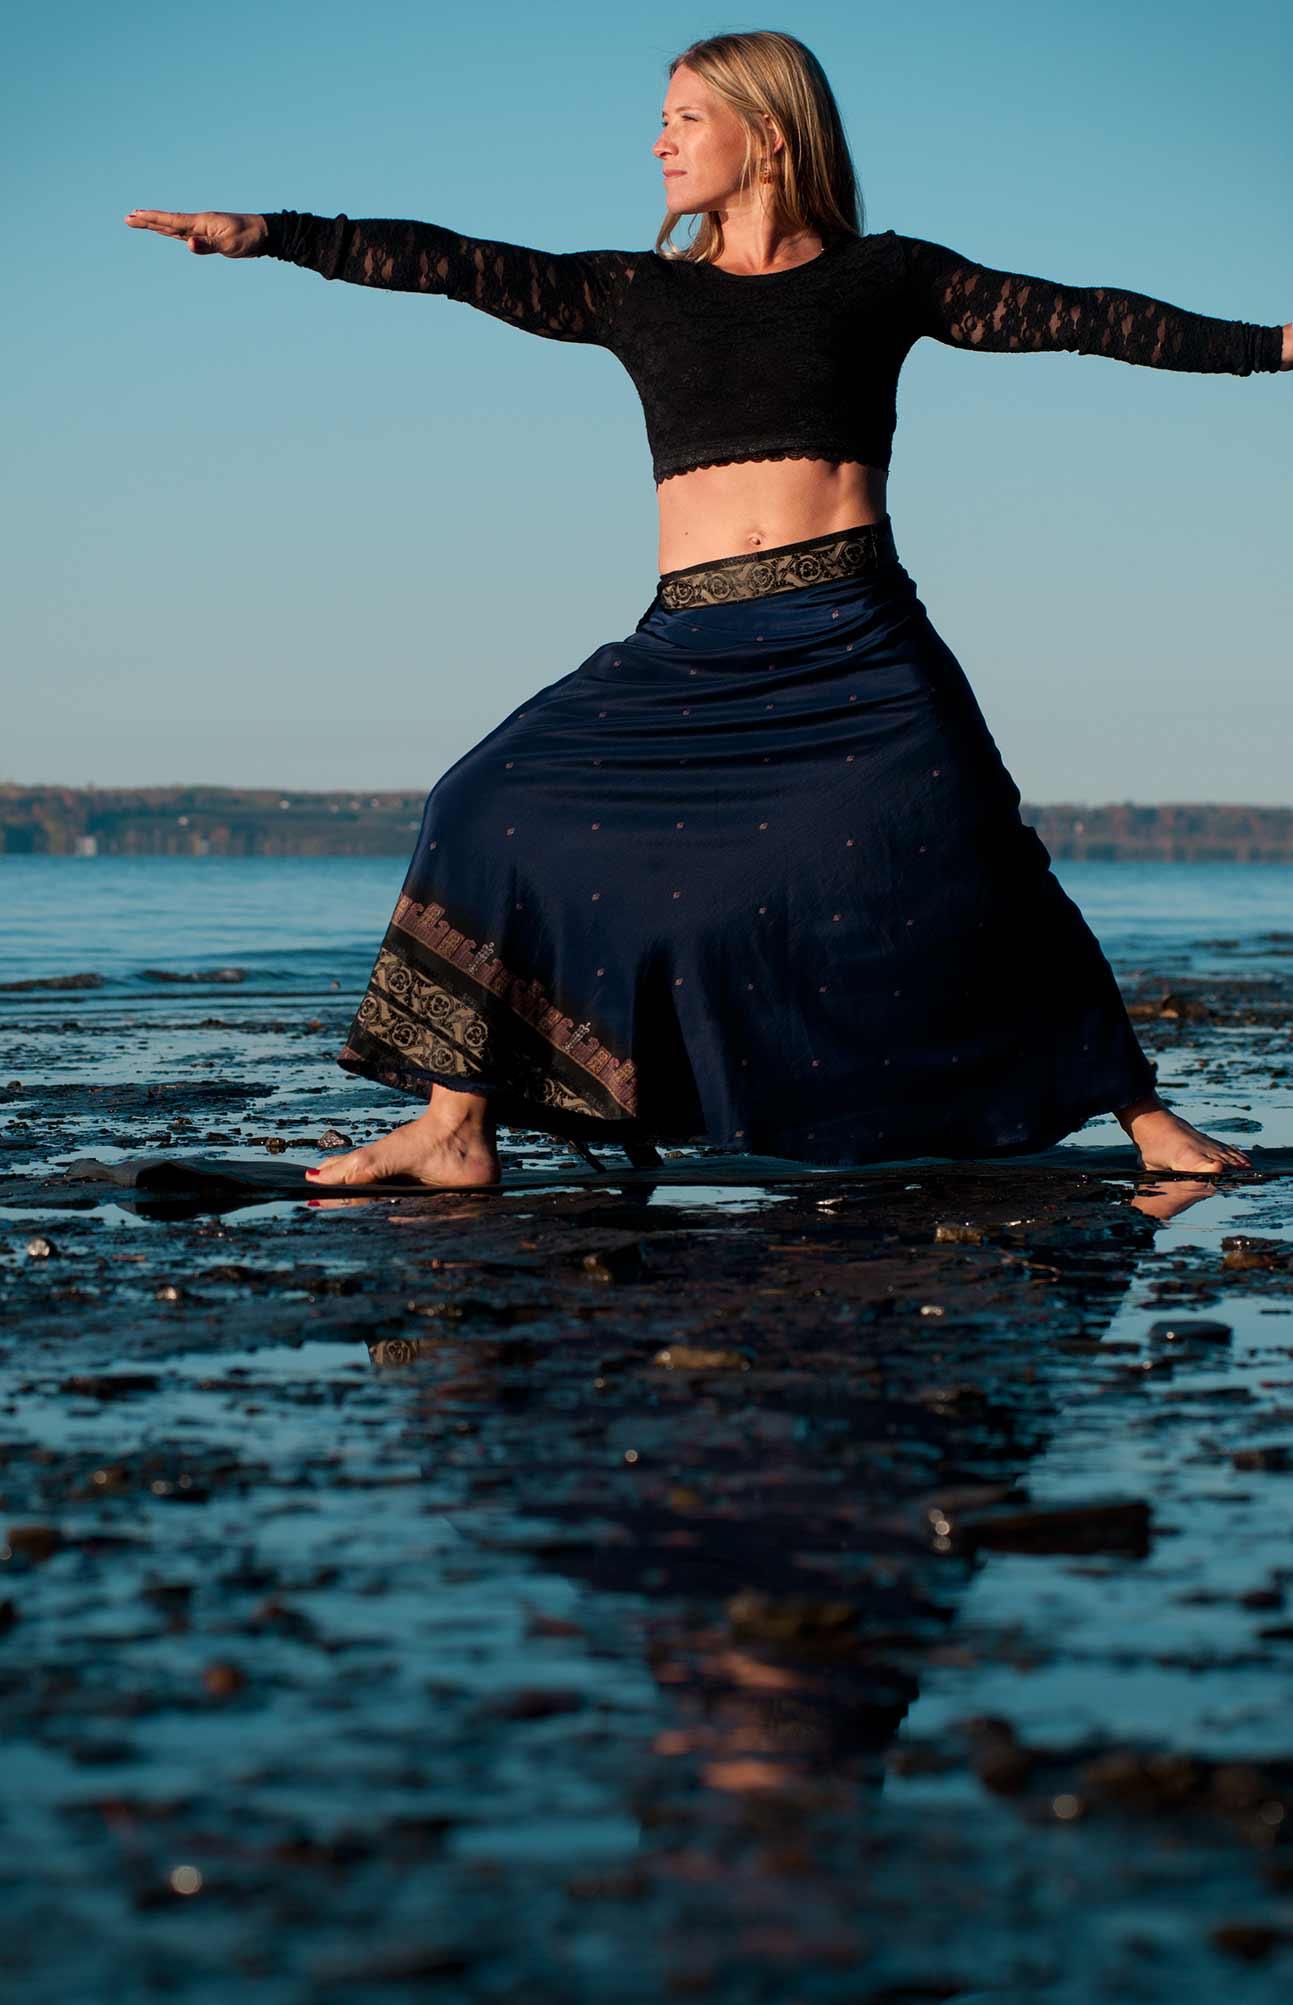 France Girard, professeur de pilates et yoga en pose du guerrier / Studio Ambre-Rebel